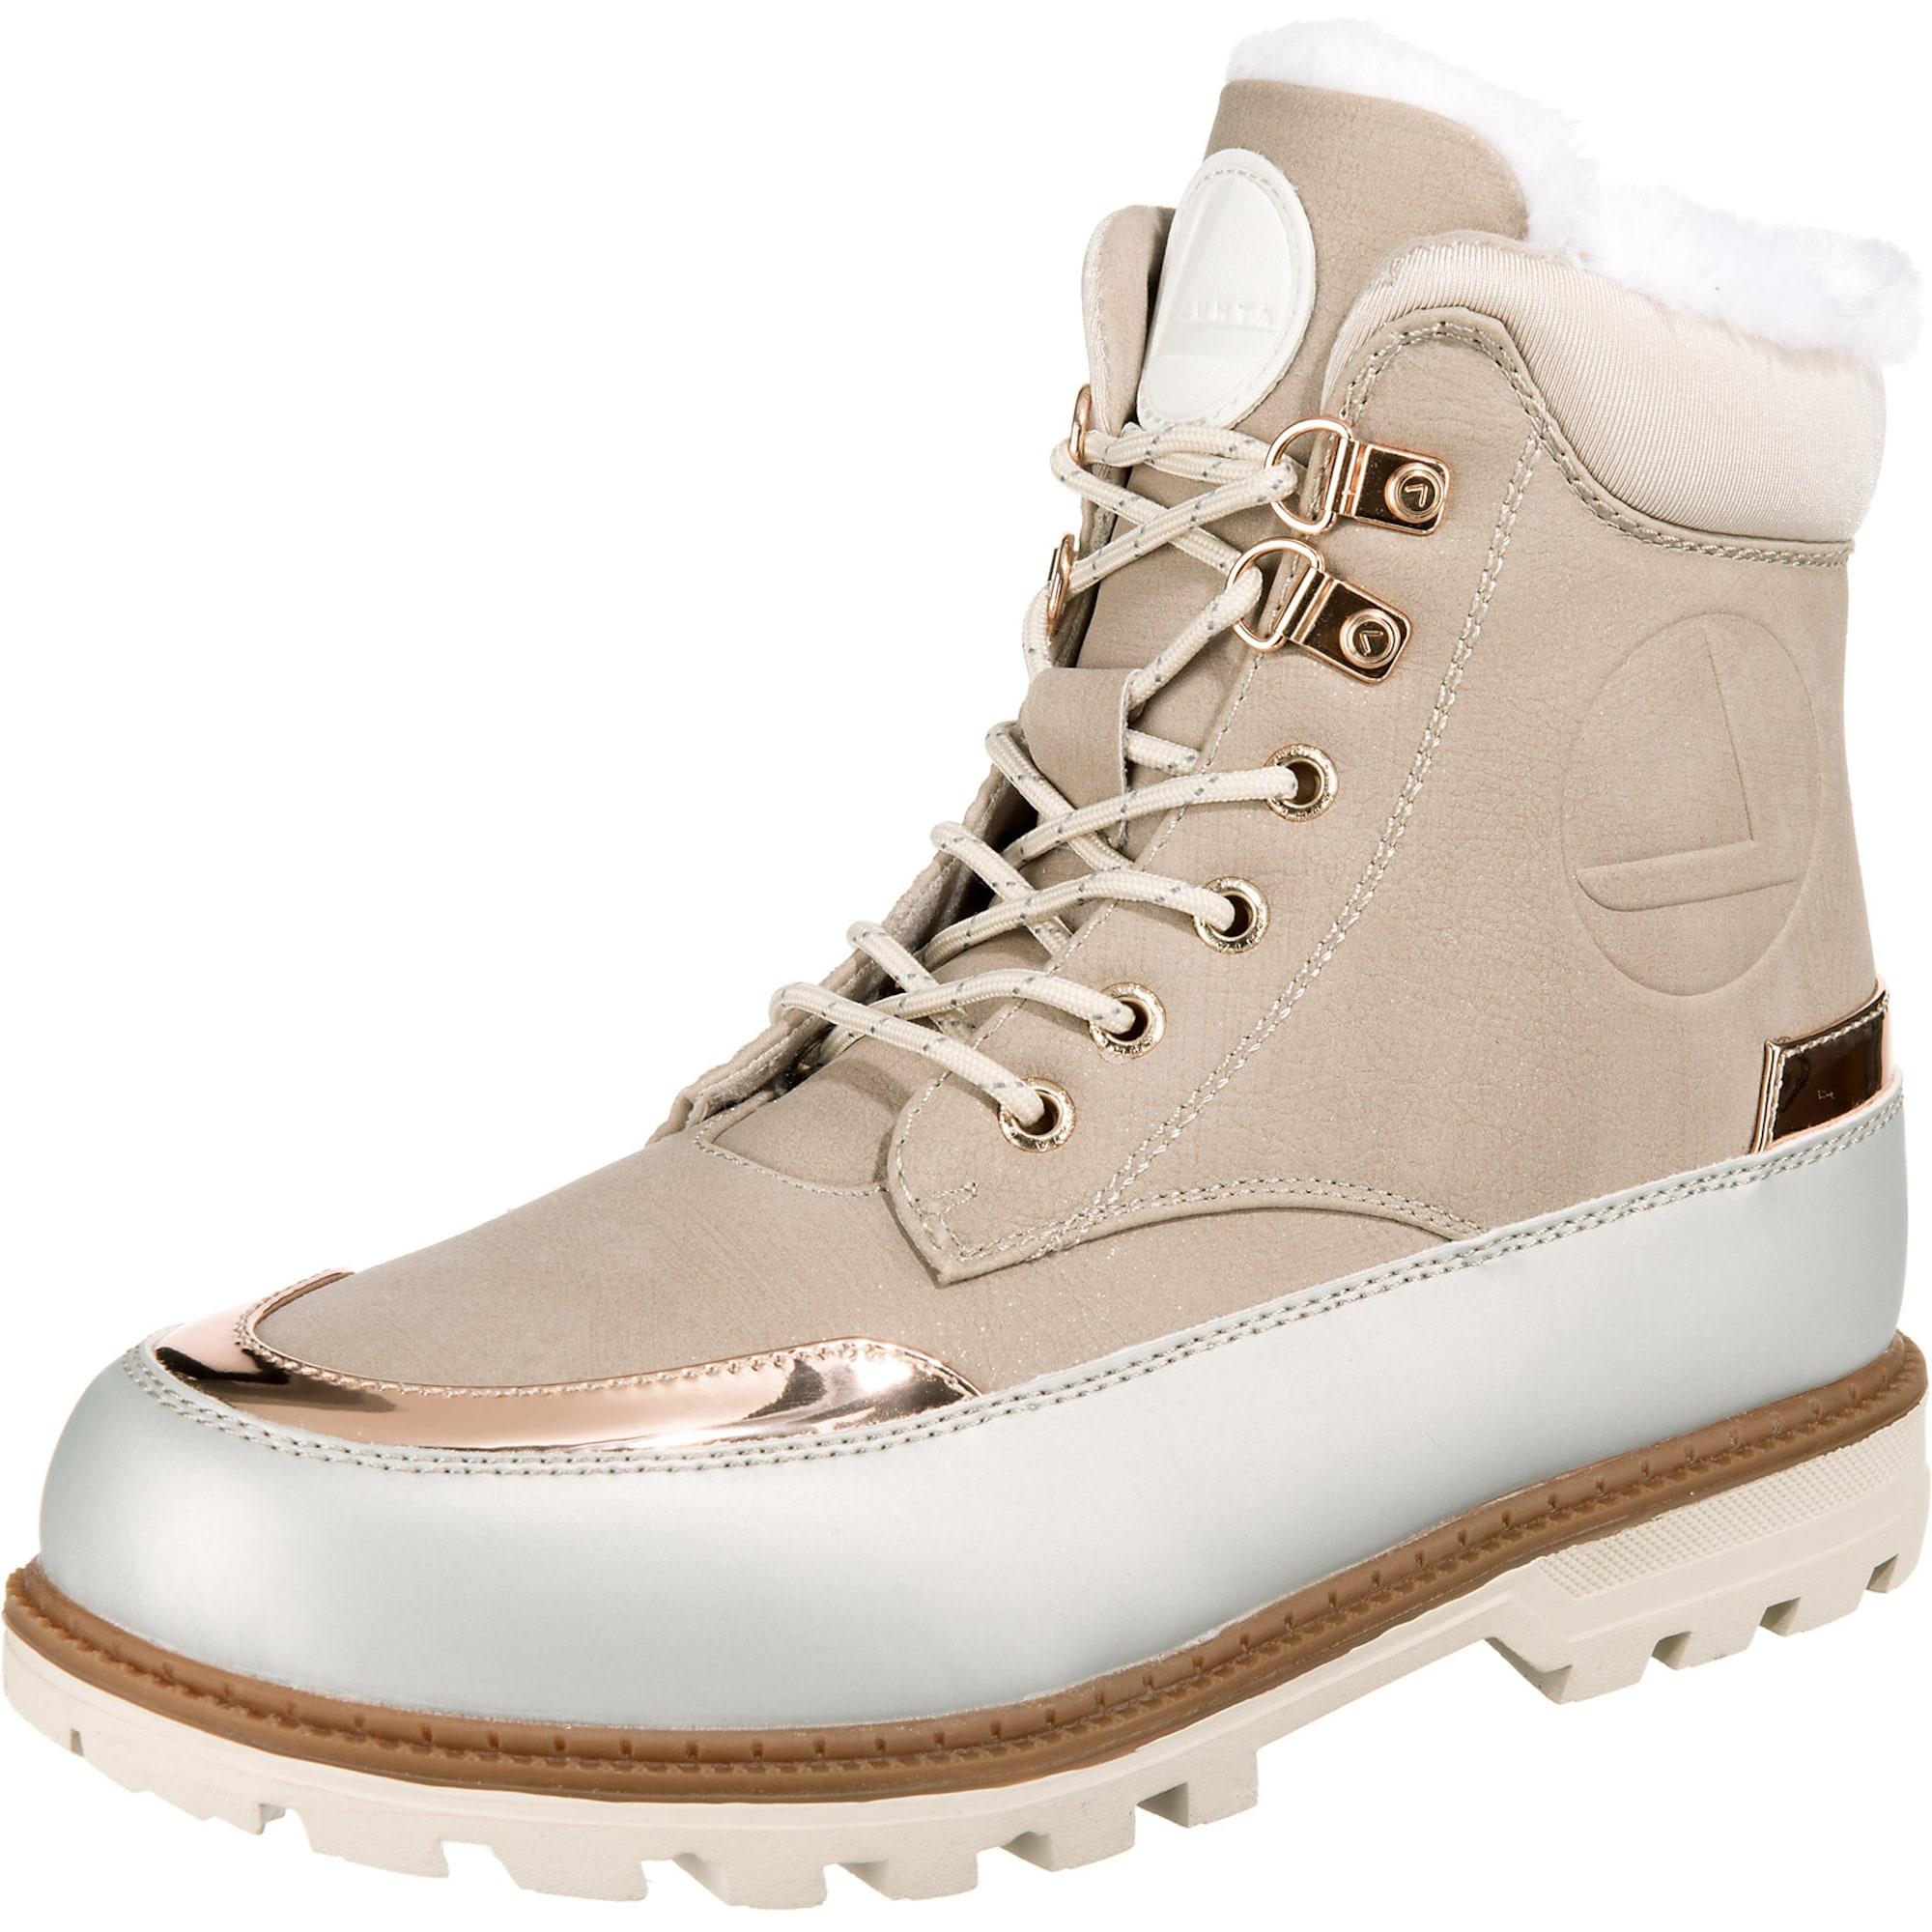 Winterstiefelette 'Reilu' | Schuhe > Stiefeletten > Winterstiefeletten | LUHTA